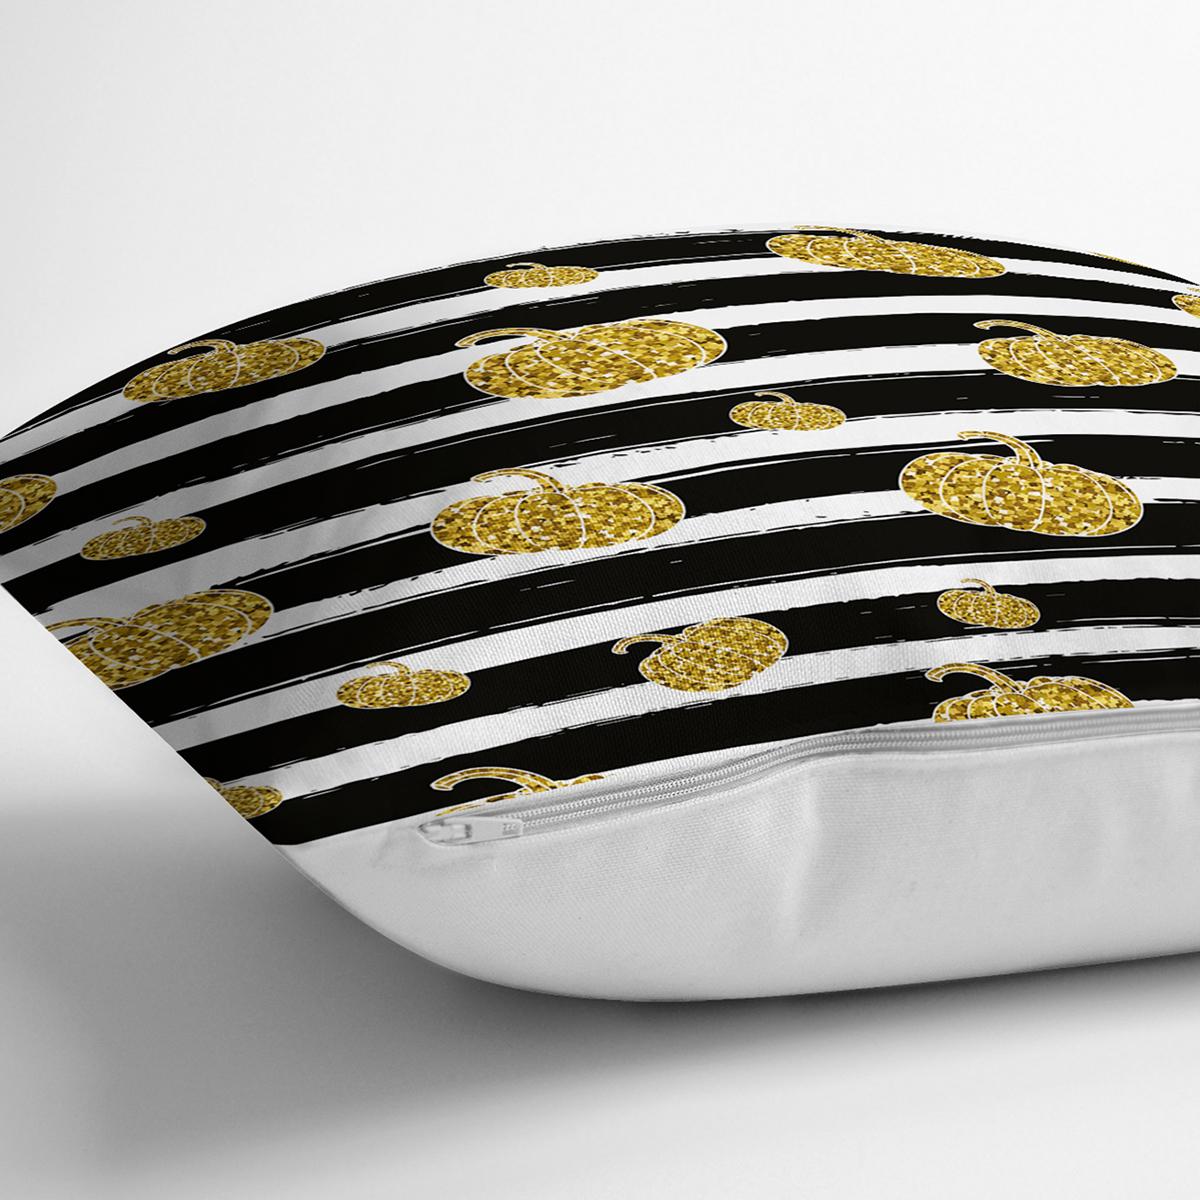 Beyaz Zemin Üzerinde Gold Detaylı Bal Kabağı Desenli Yastık Kırlent Kılıfı Realhomes